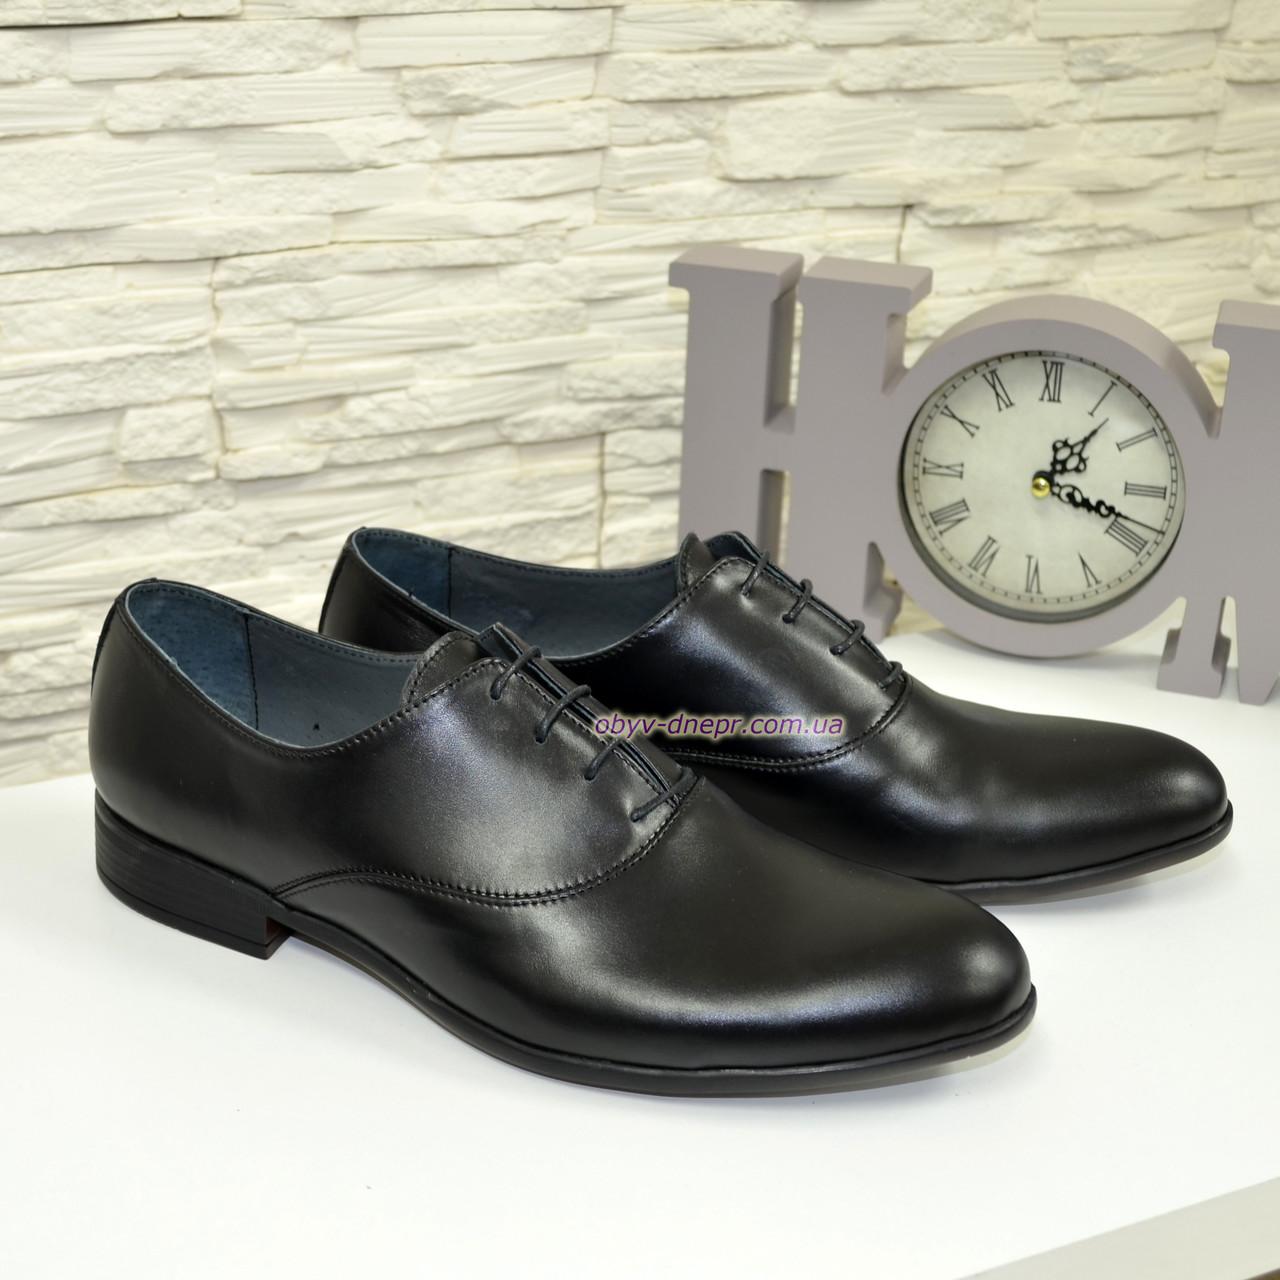 Туфли мужские черные на шнуровке, натуральная кожа